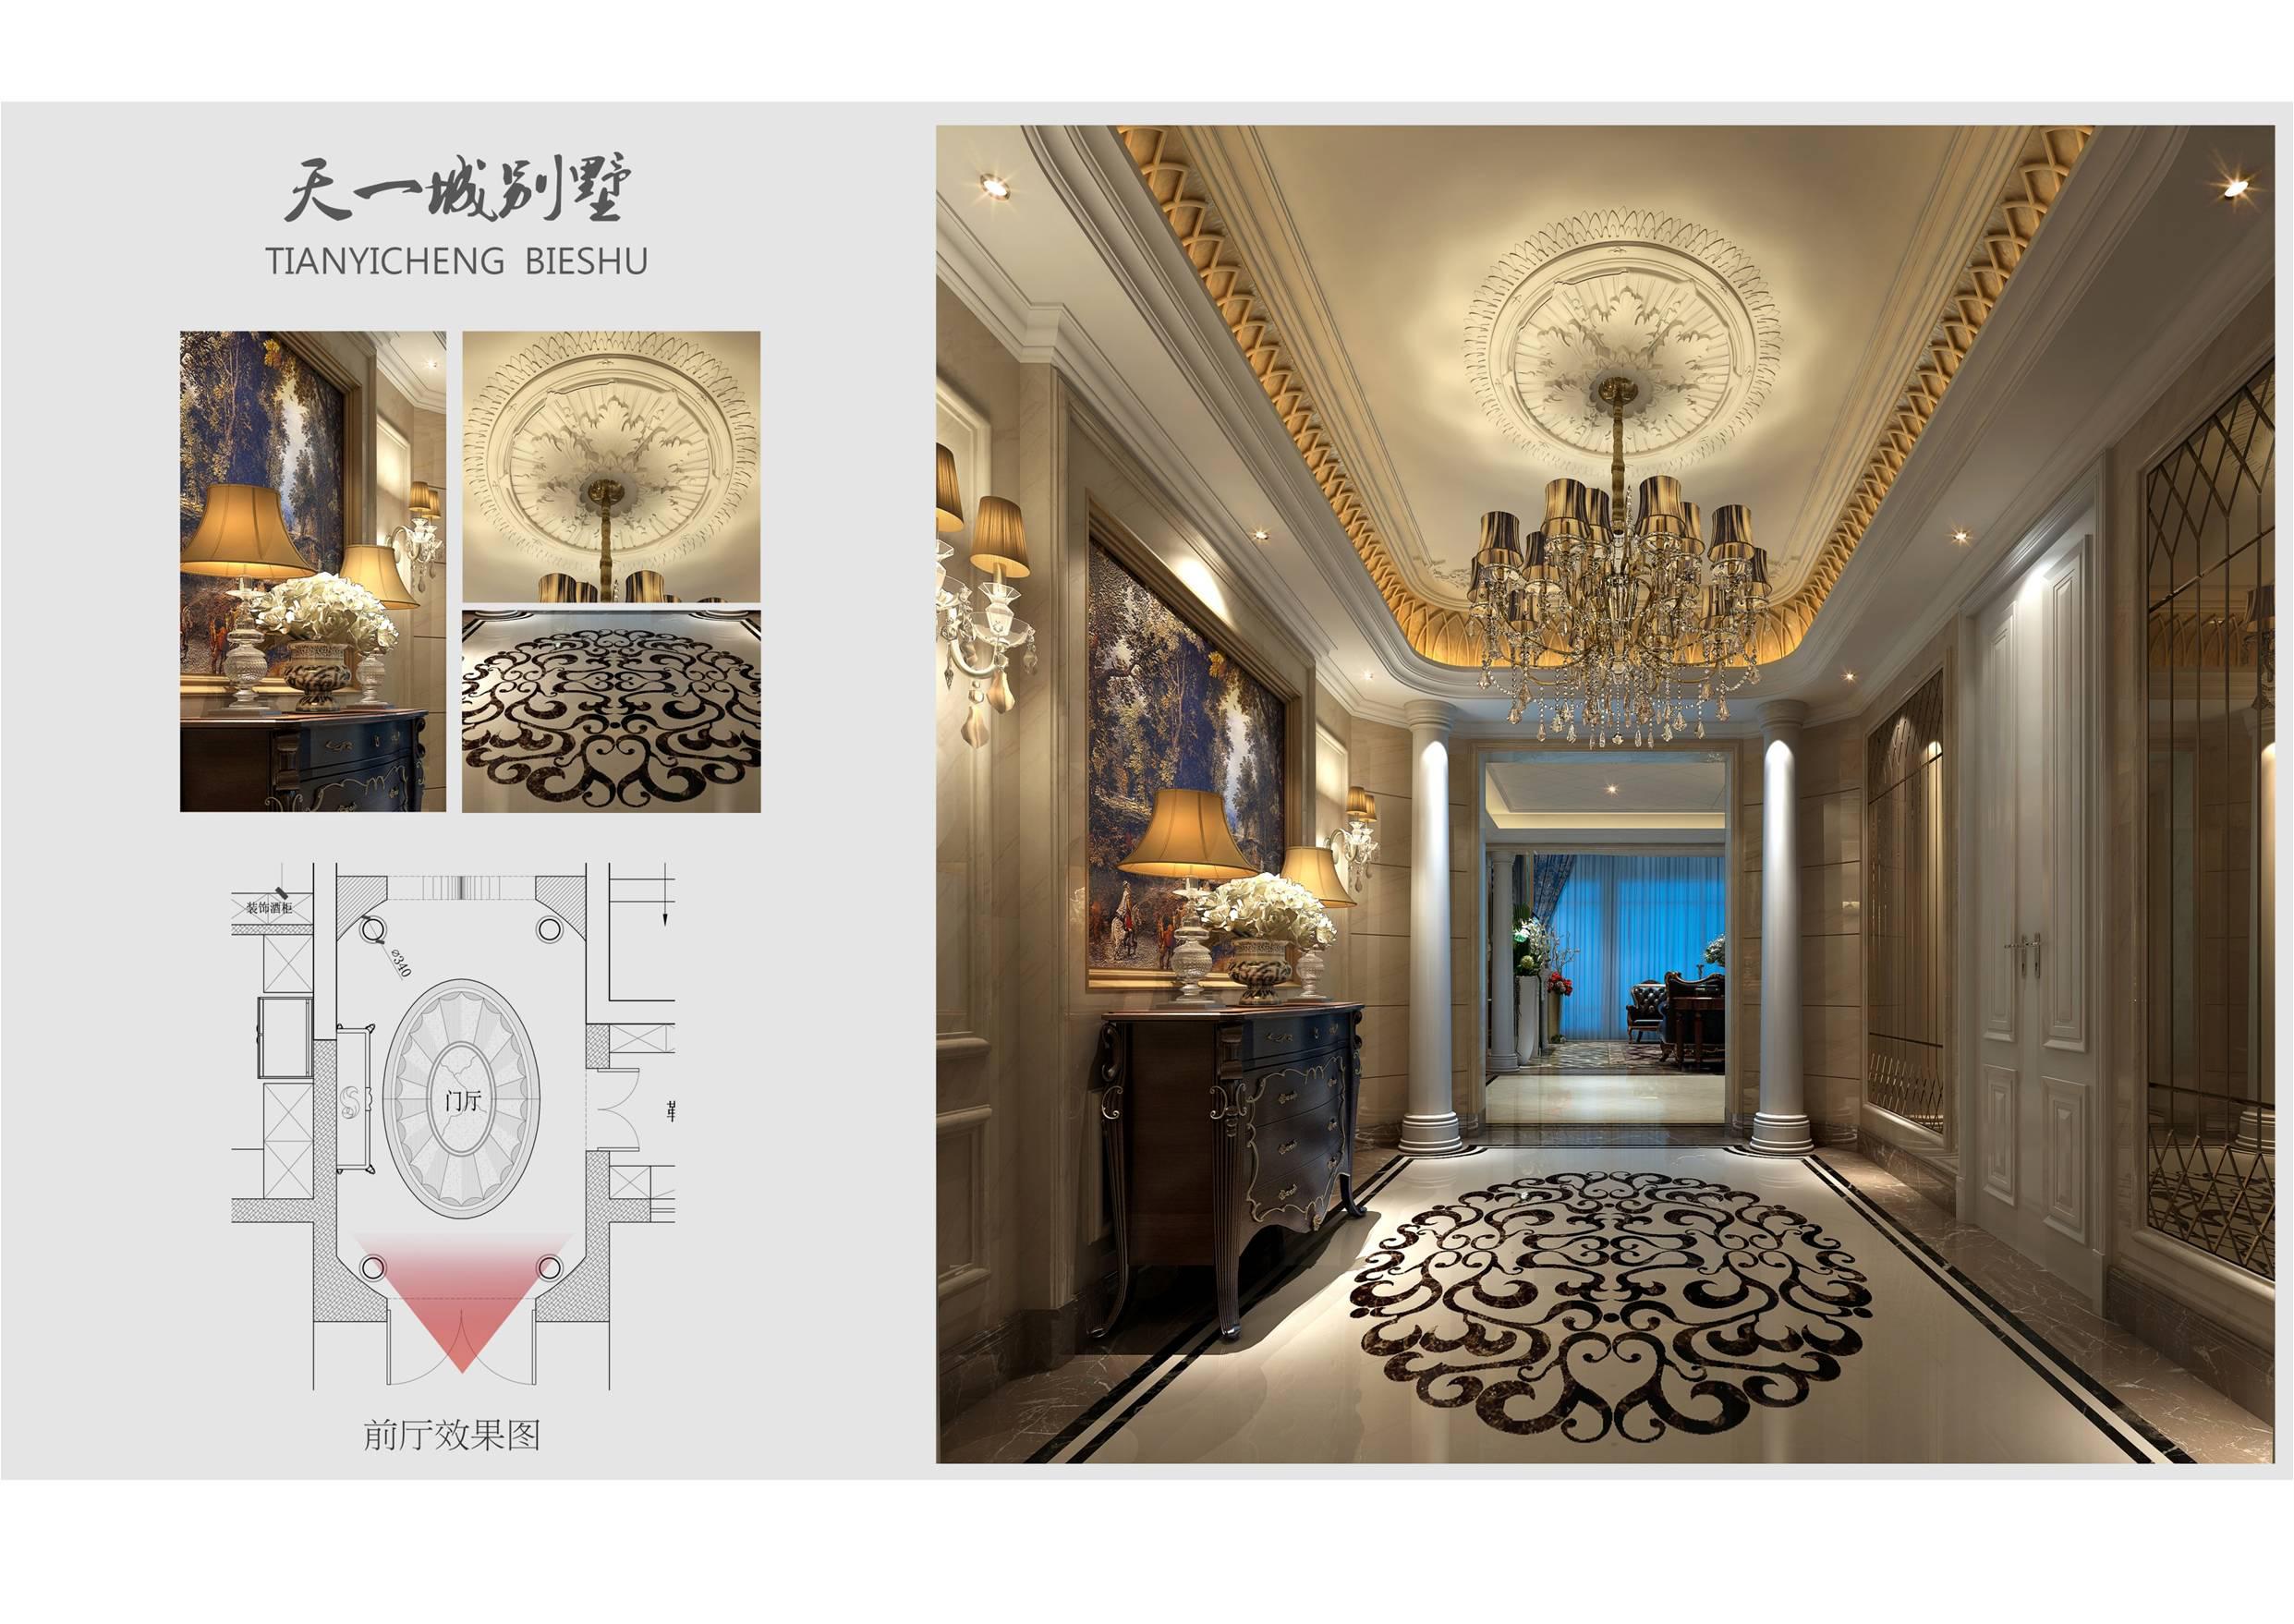 天一城别墅670古典美式风格效果图